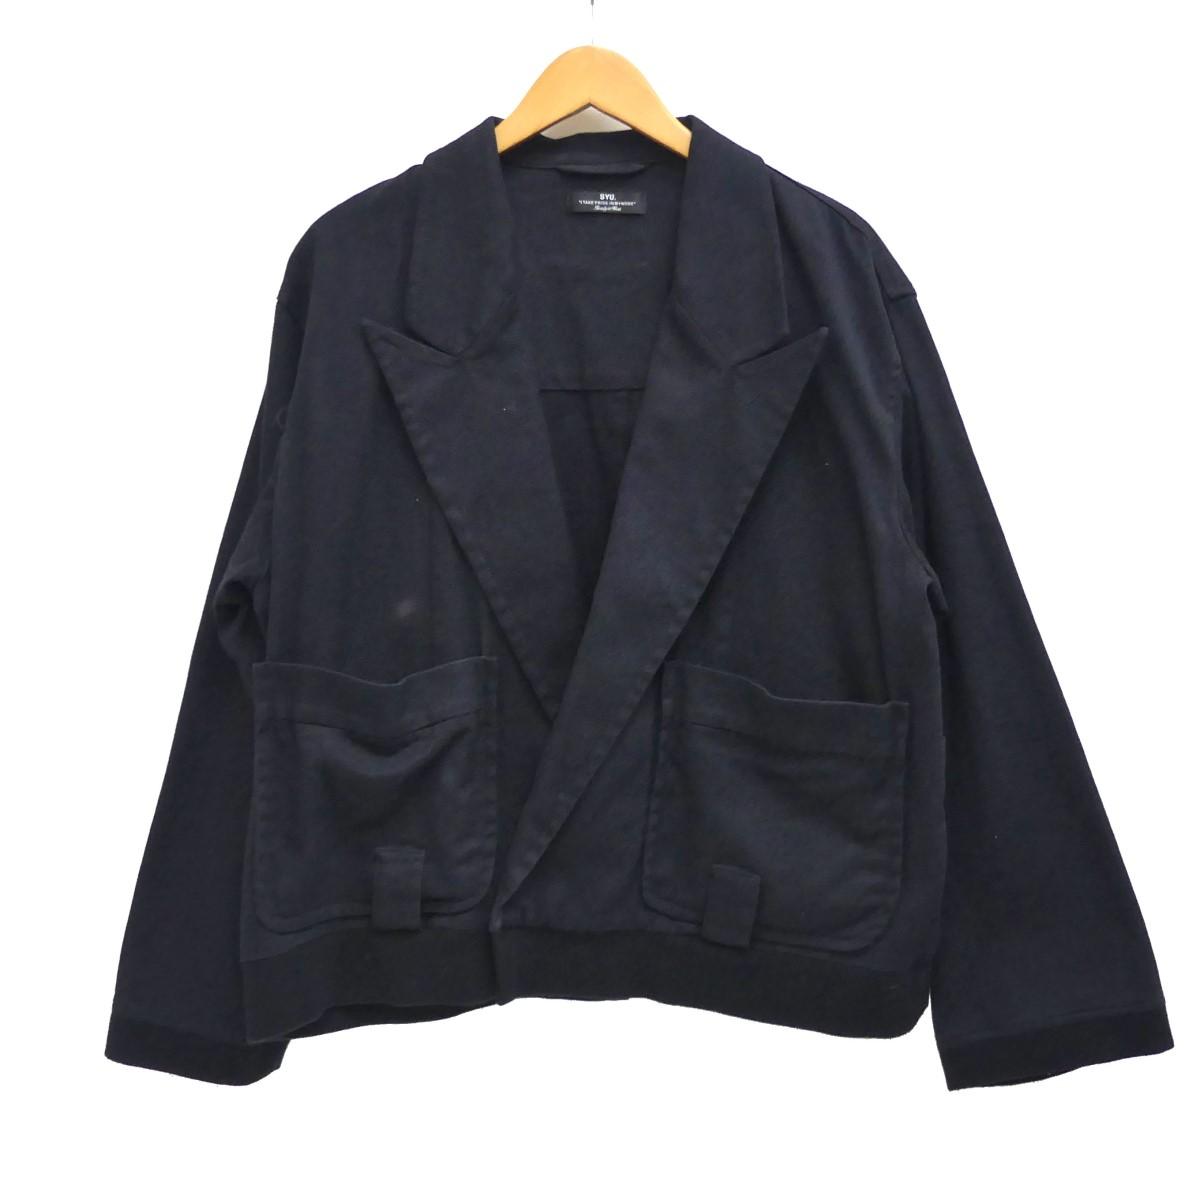 【中古】SYU. 裾リブコットンジャケット ブラック サイズ:2 【210420】(シュウ)